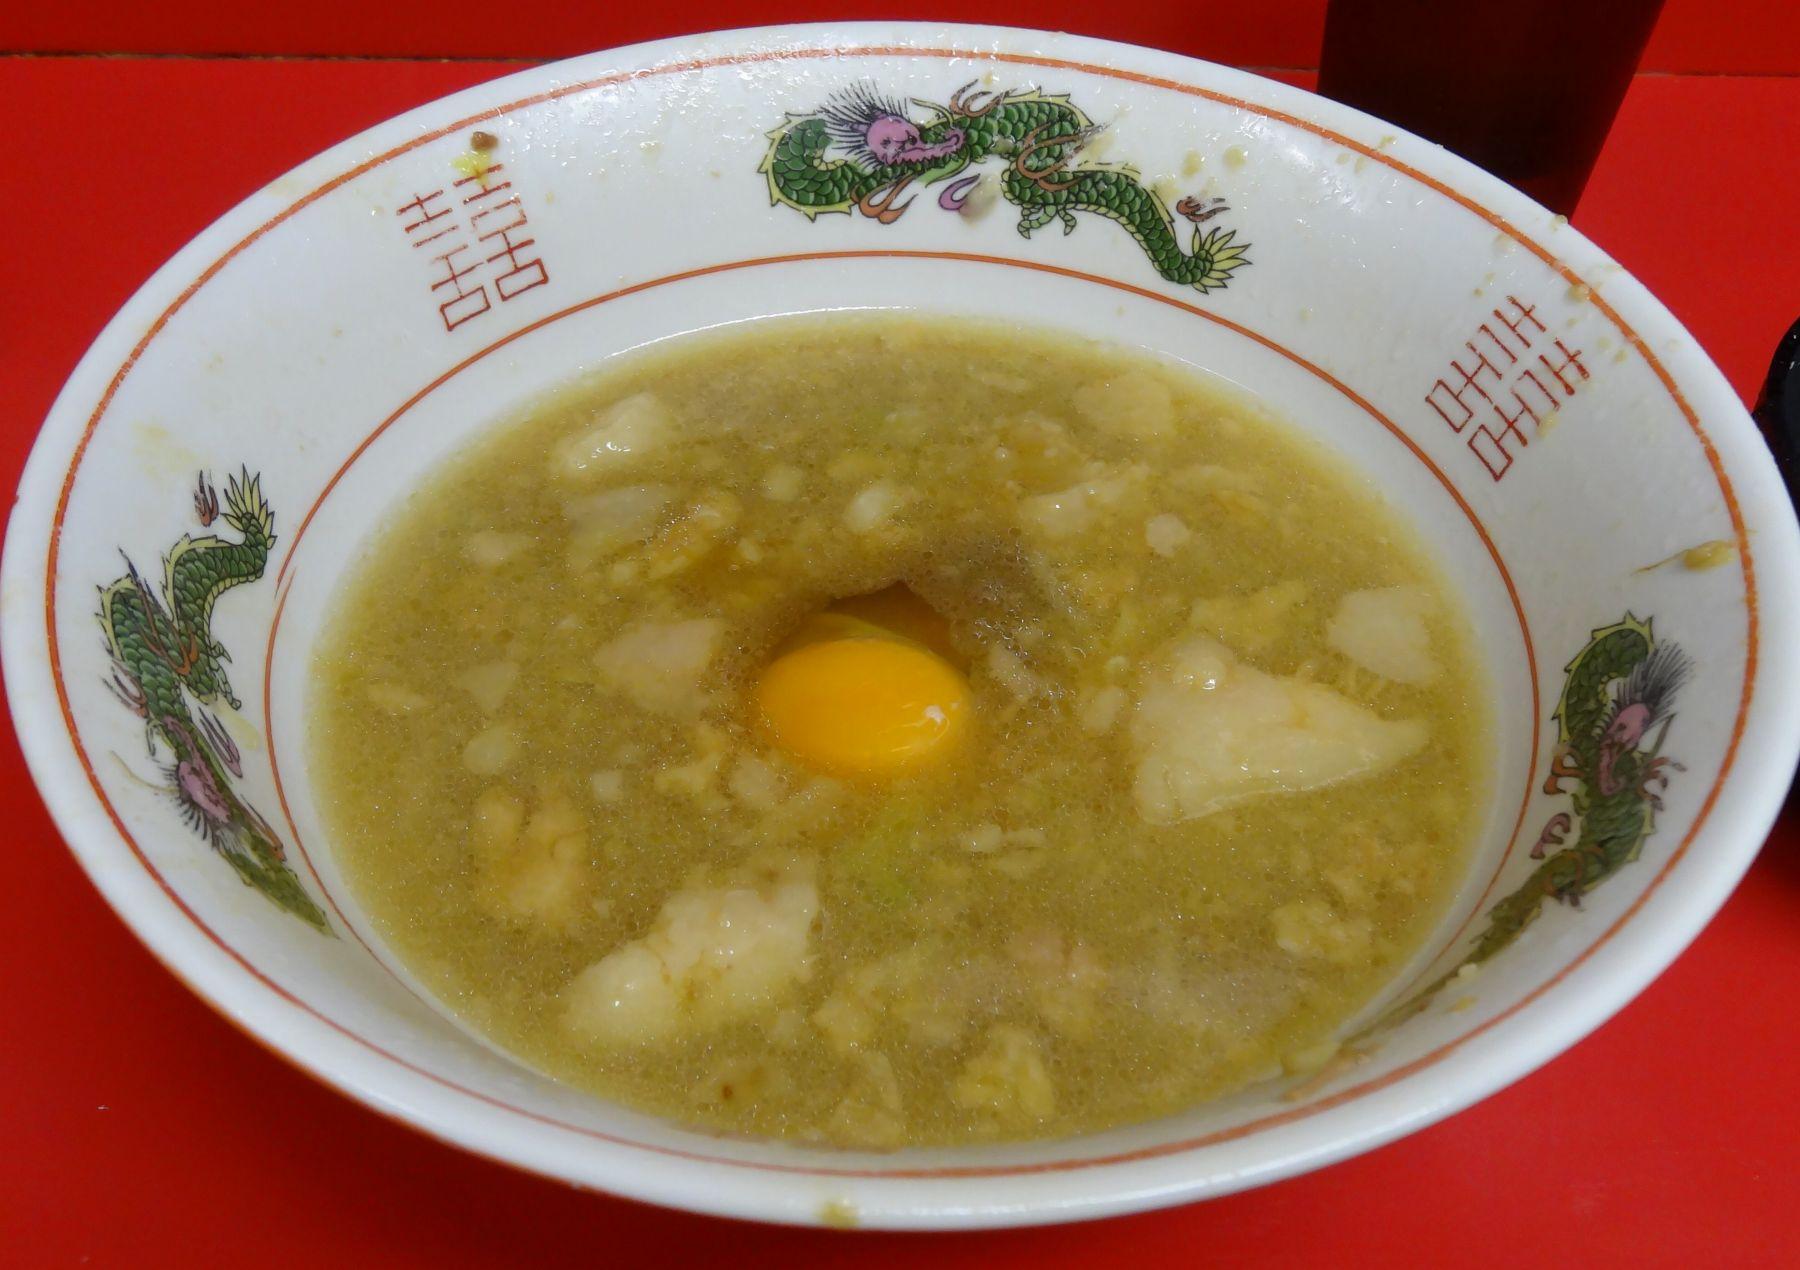 20121211007senju.jpg